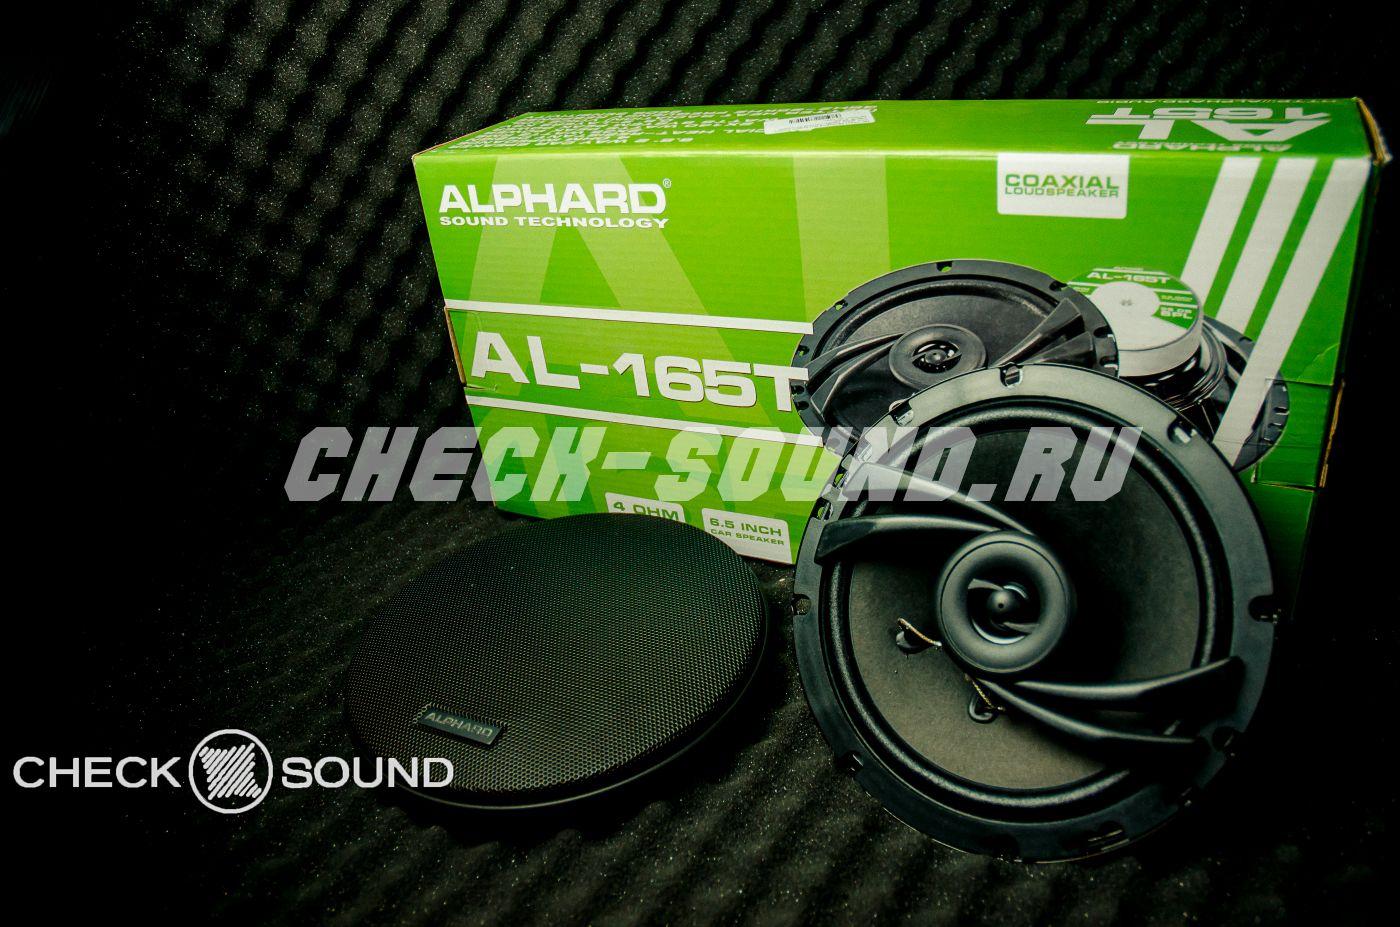 ALPHARD AL-165T